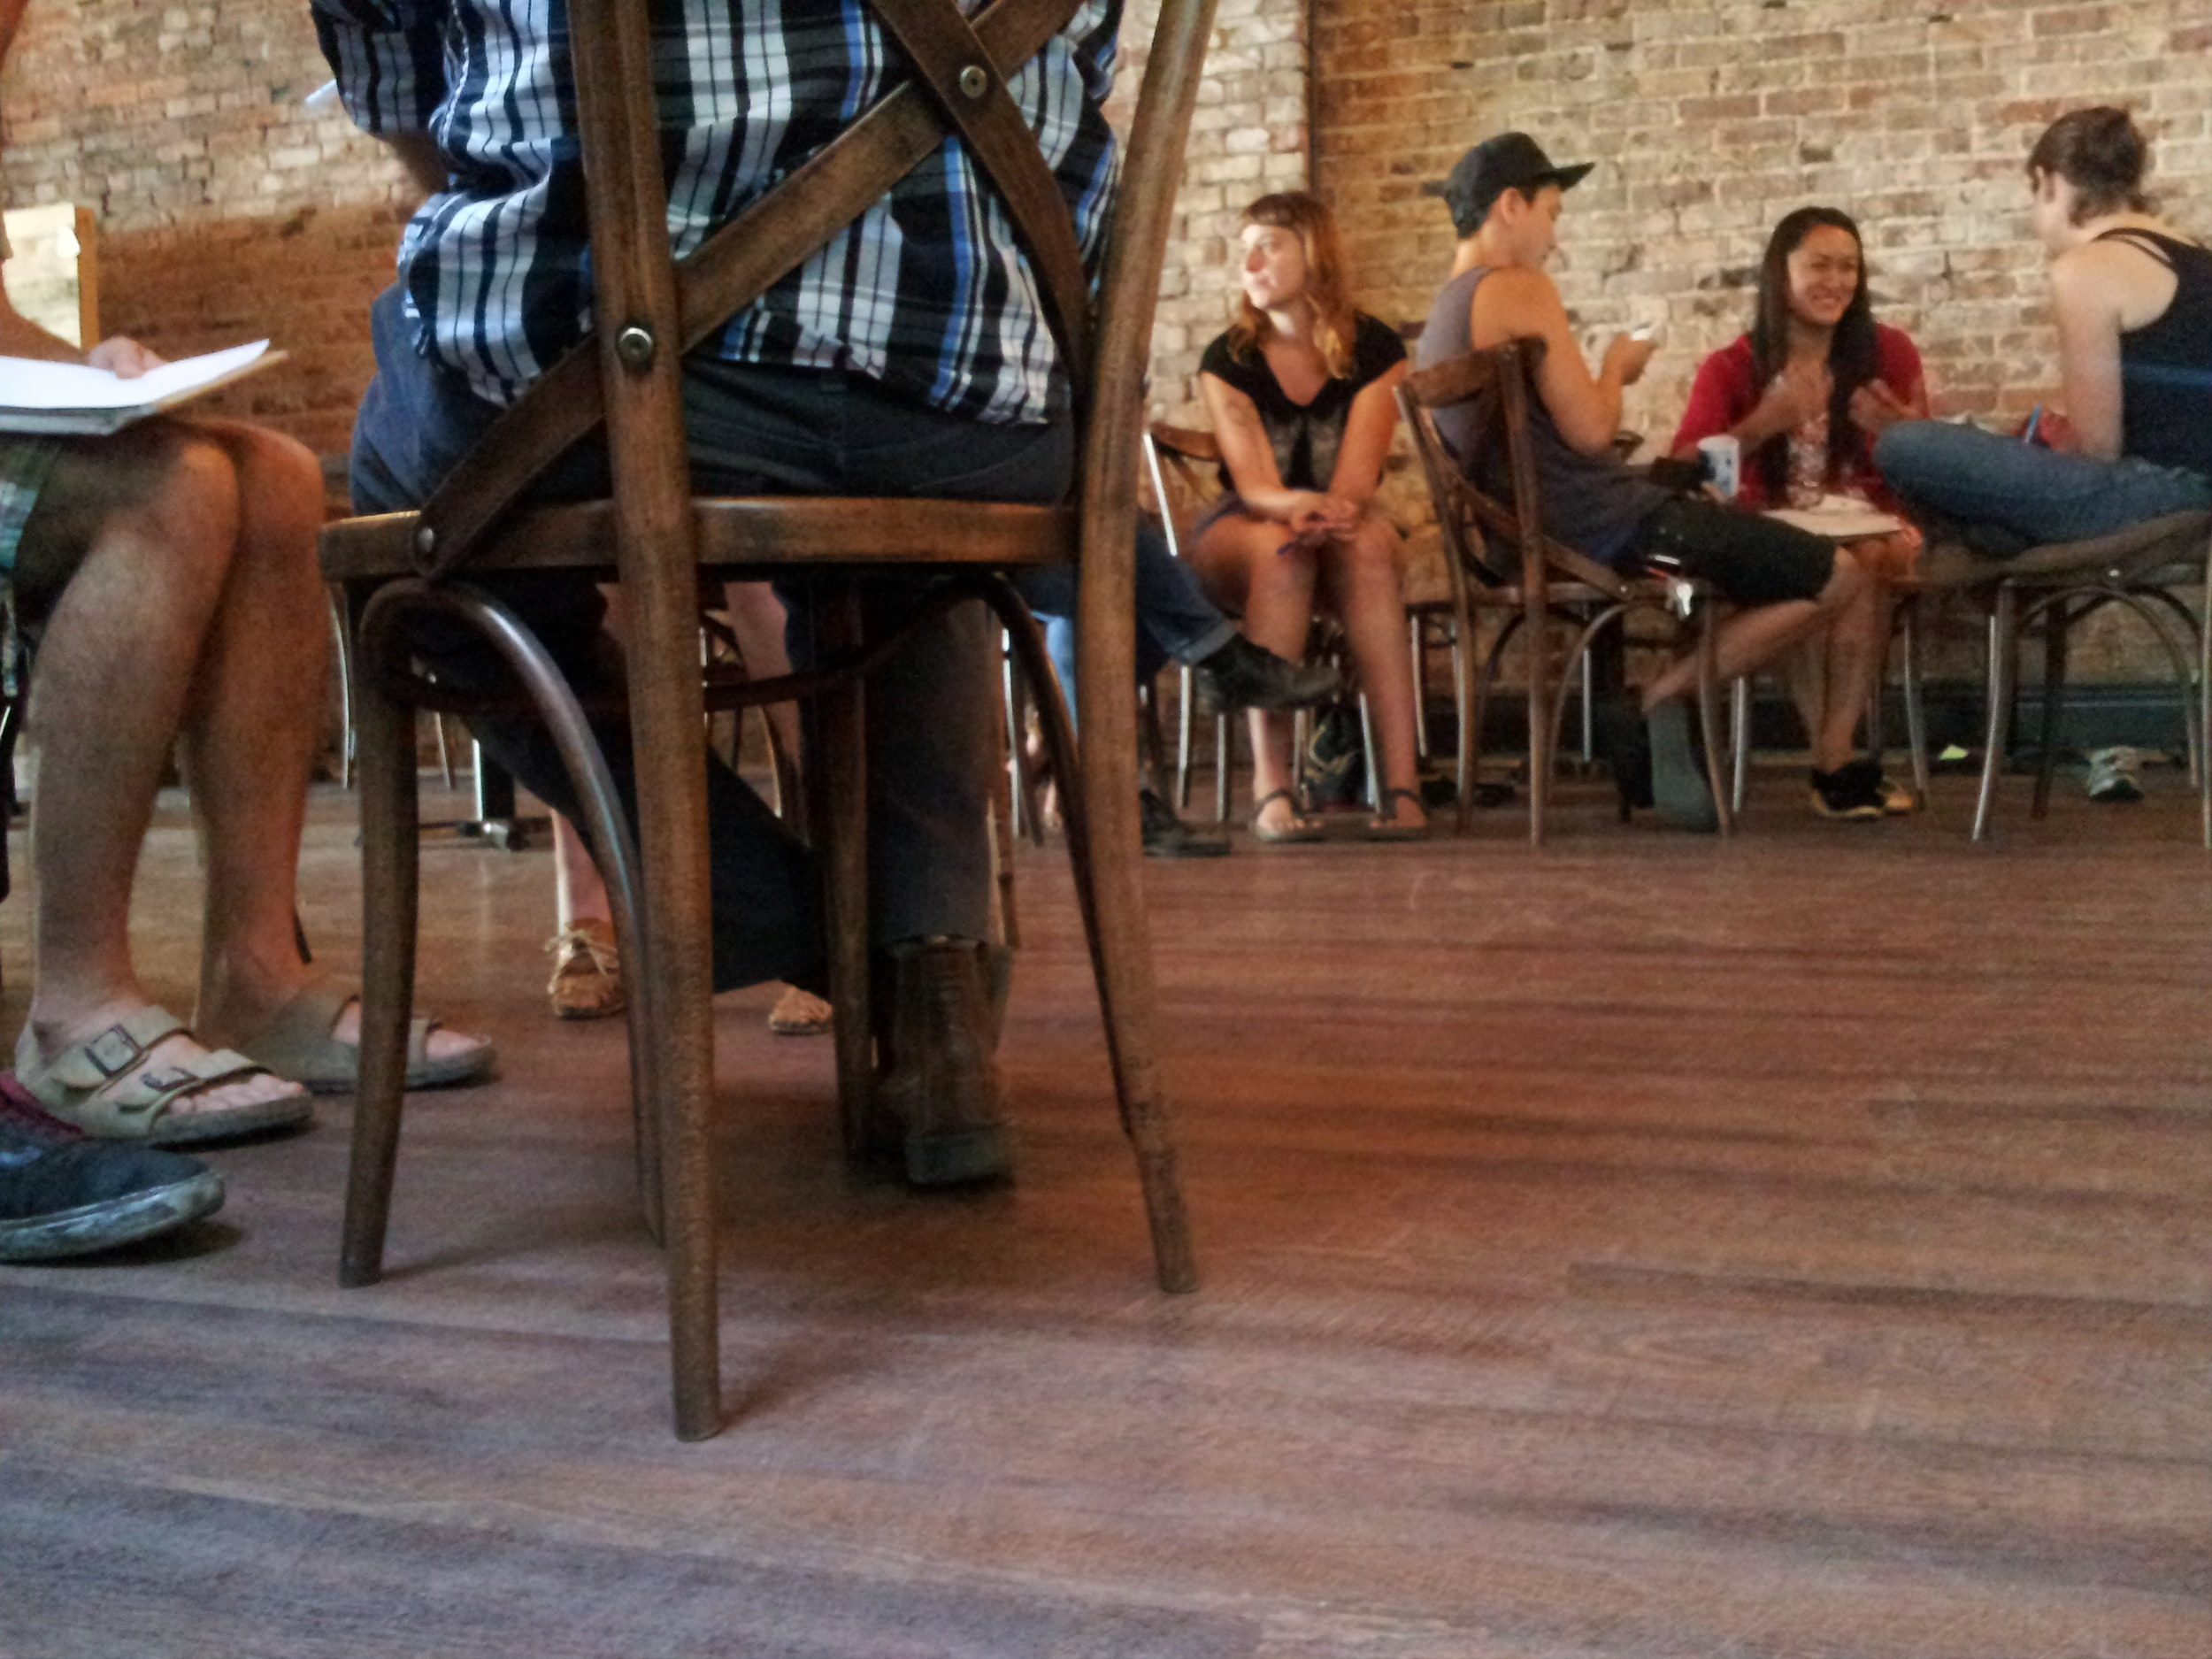 cafe feet